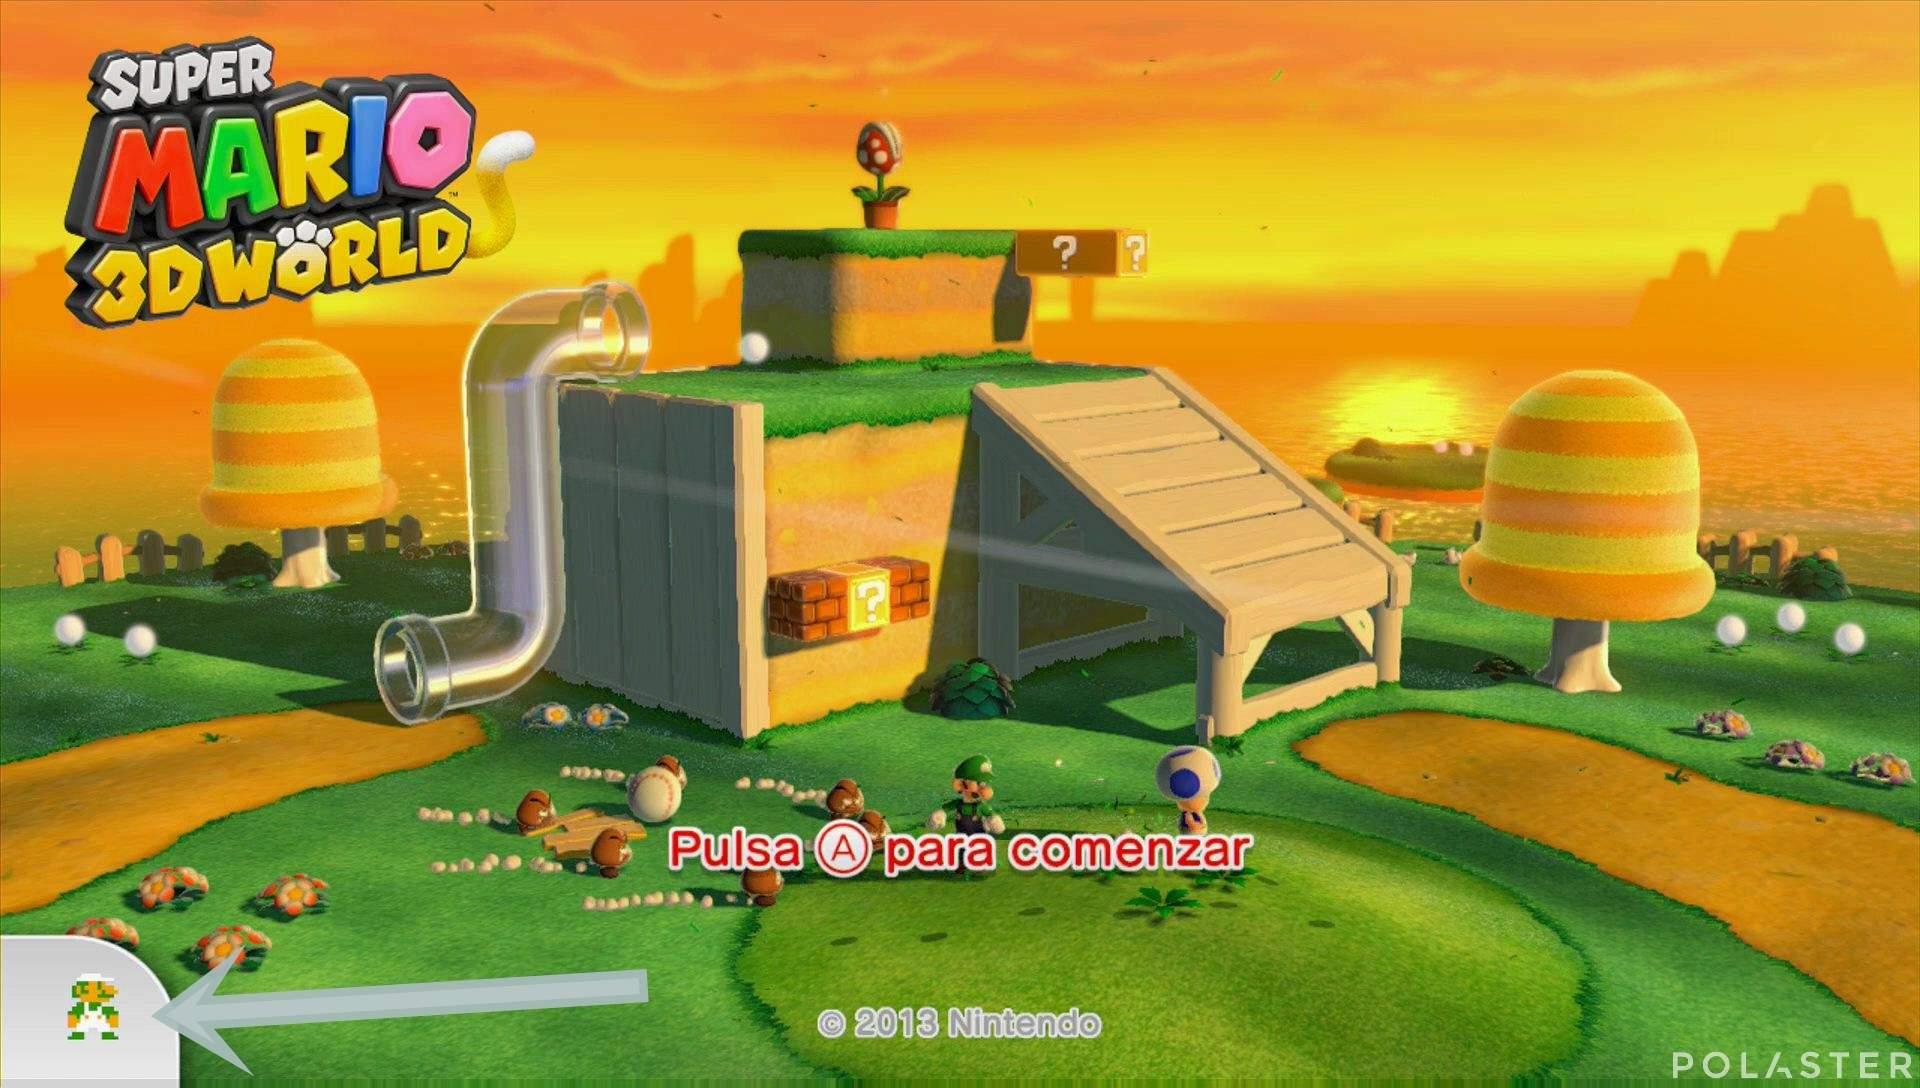 Super Mario 3D World Luigi Bros.